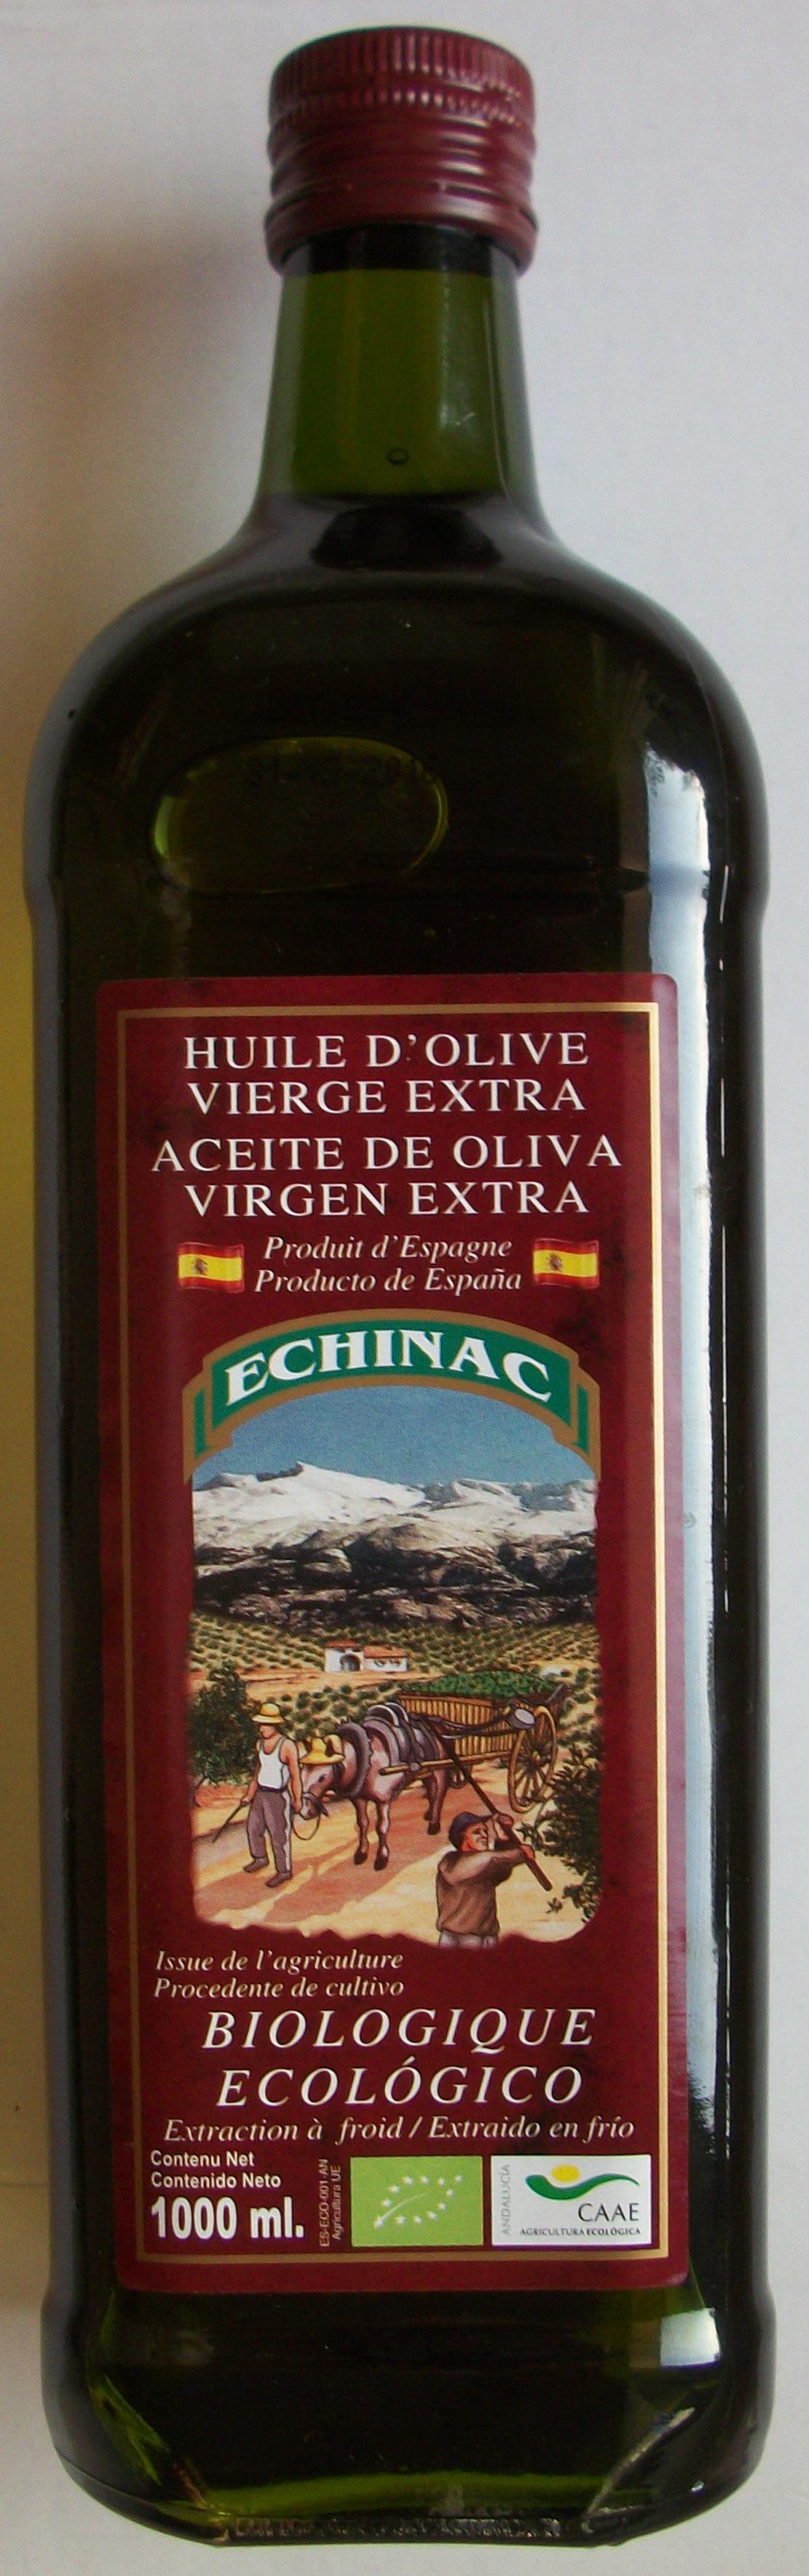 Huile d'olive vierge extra biologique - Produit